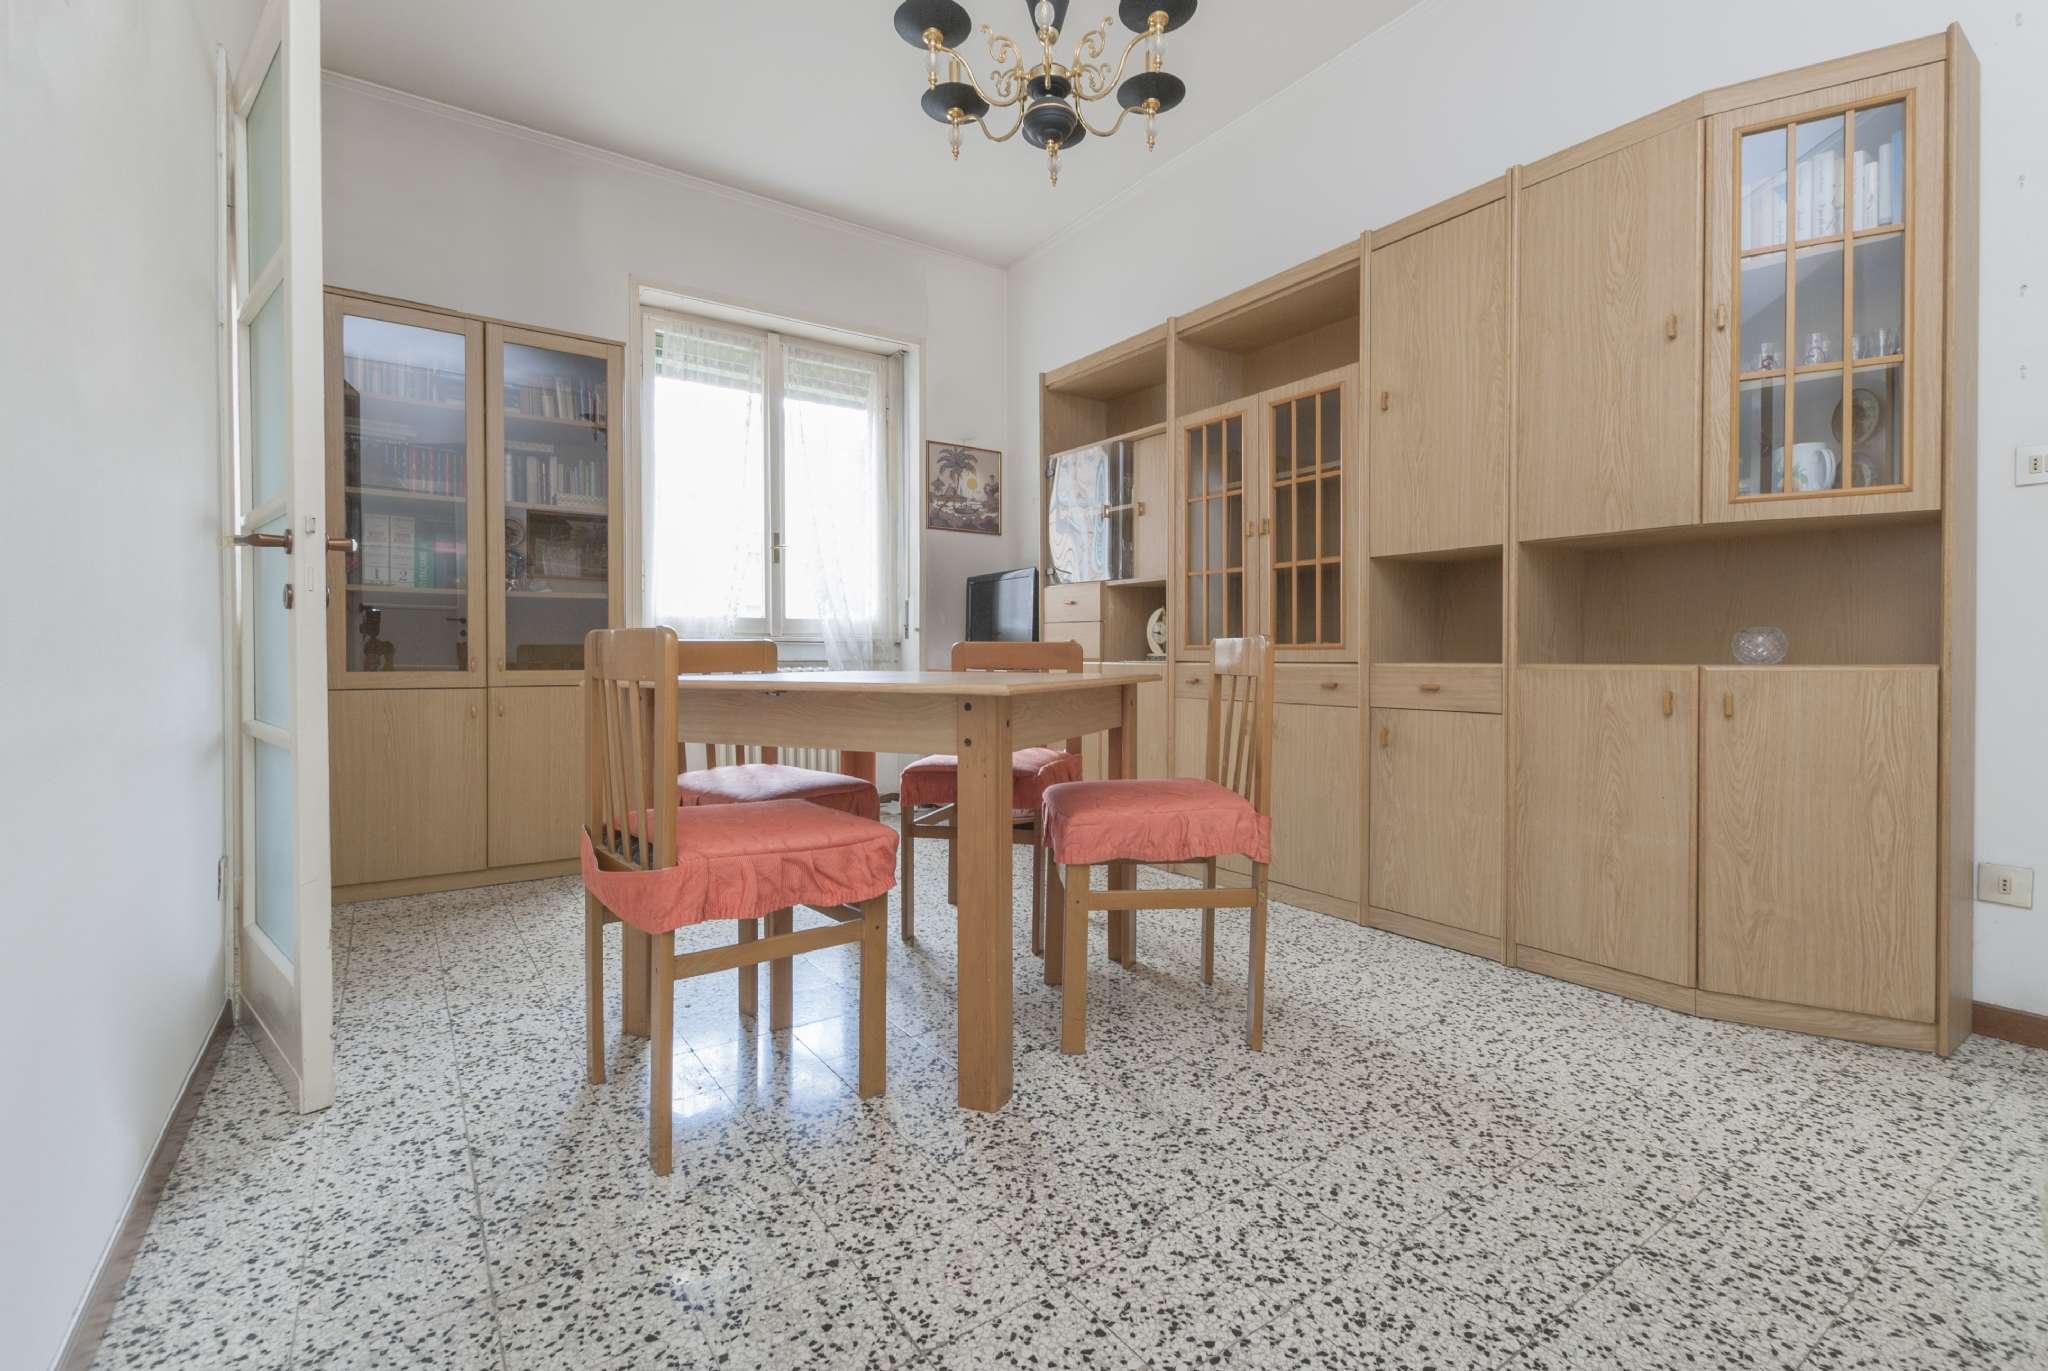 Appartamento in condizioni mediocri in vendita Rif. 5101464